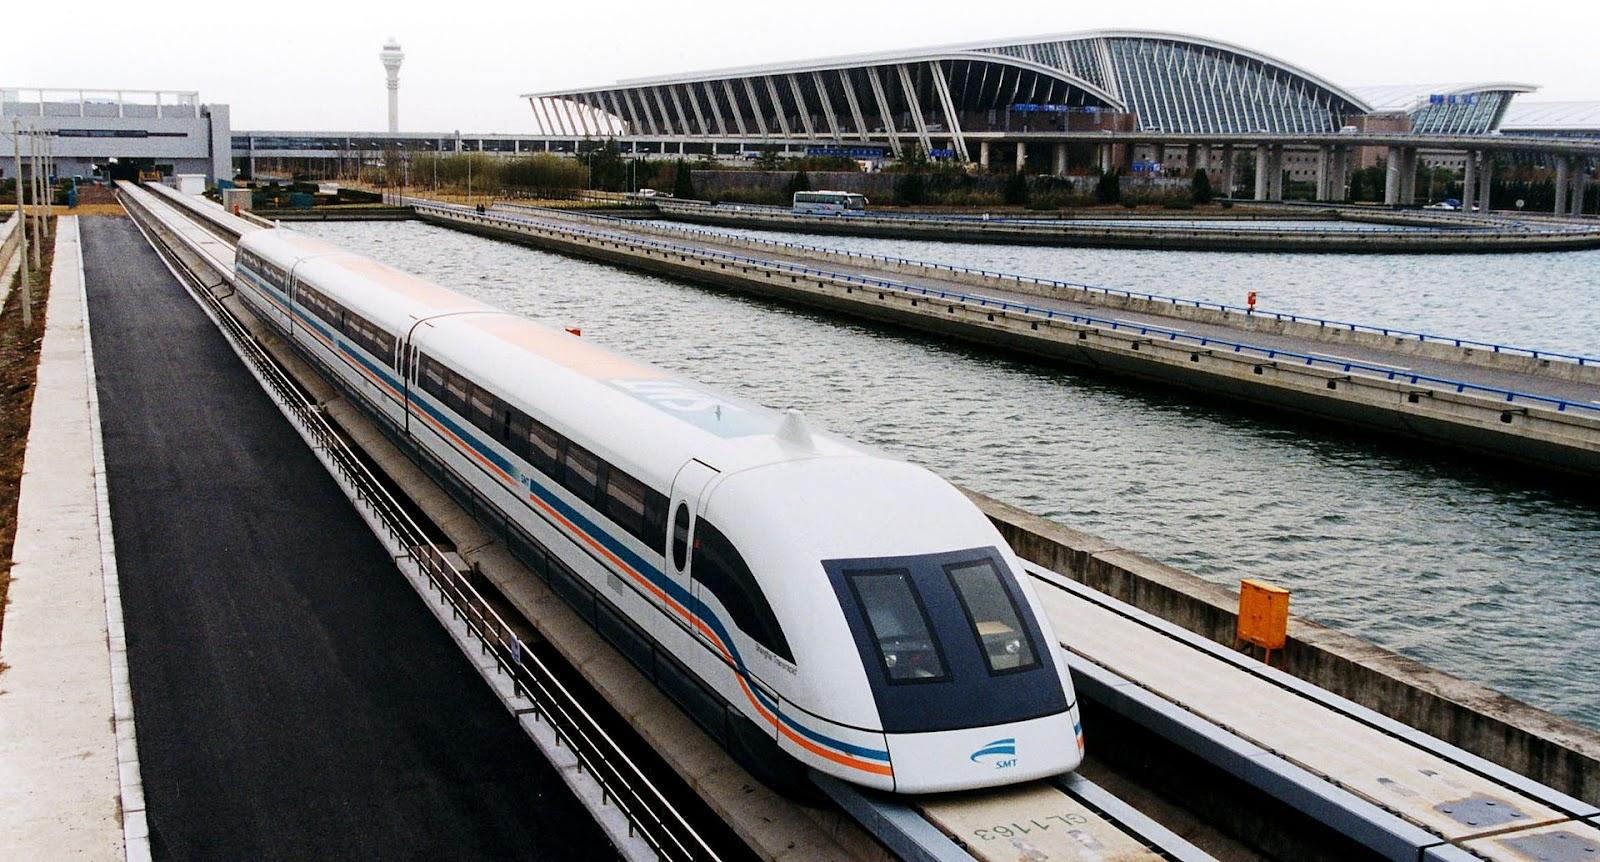 O Maglev de Shanghai é o trem mais rápido do mundo, chegando a 431 km/h. (Fonte: Wikimedia Commons)